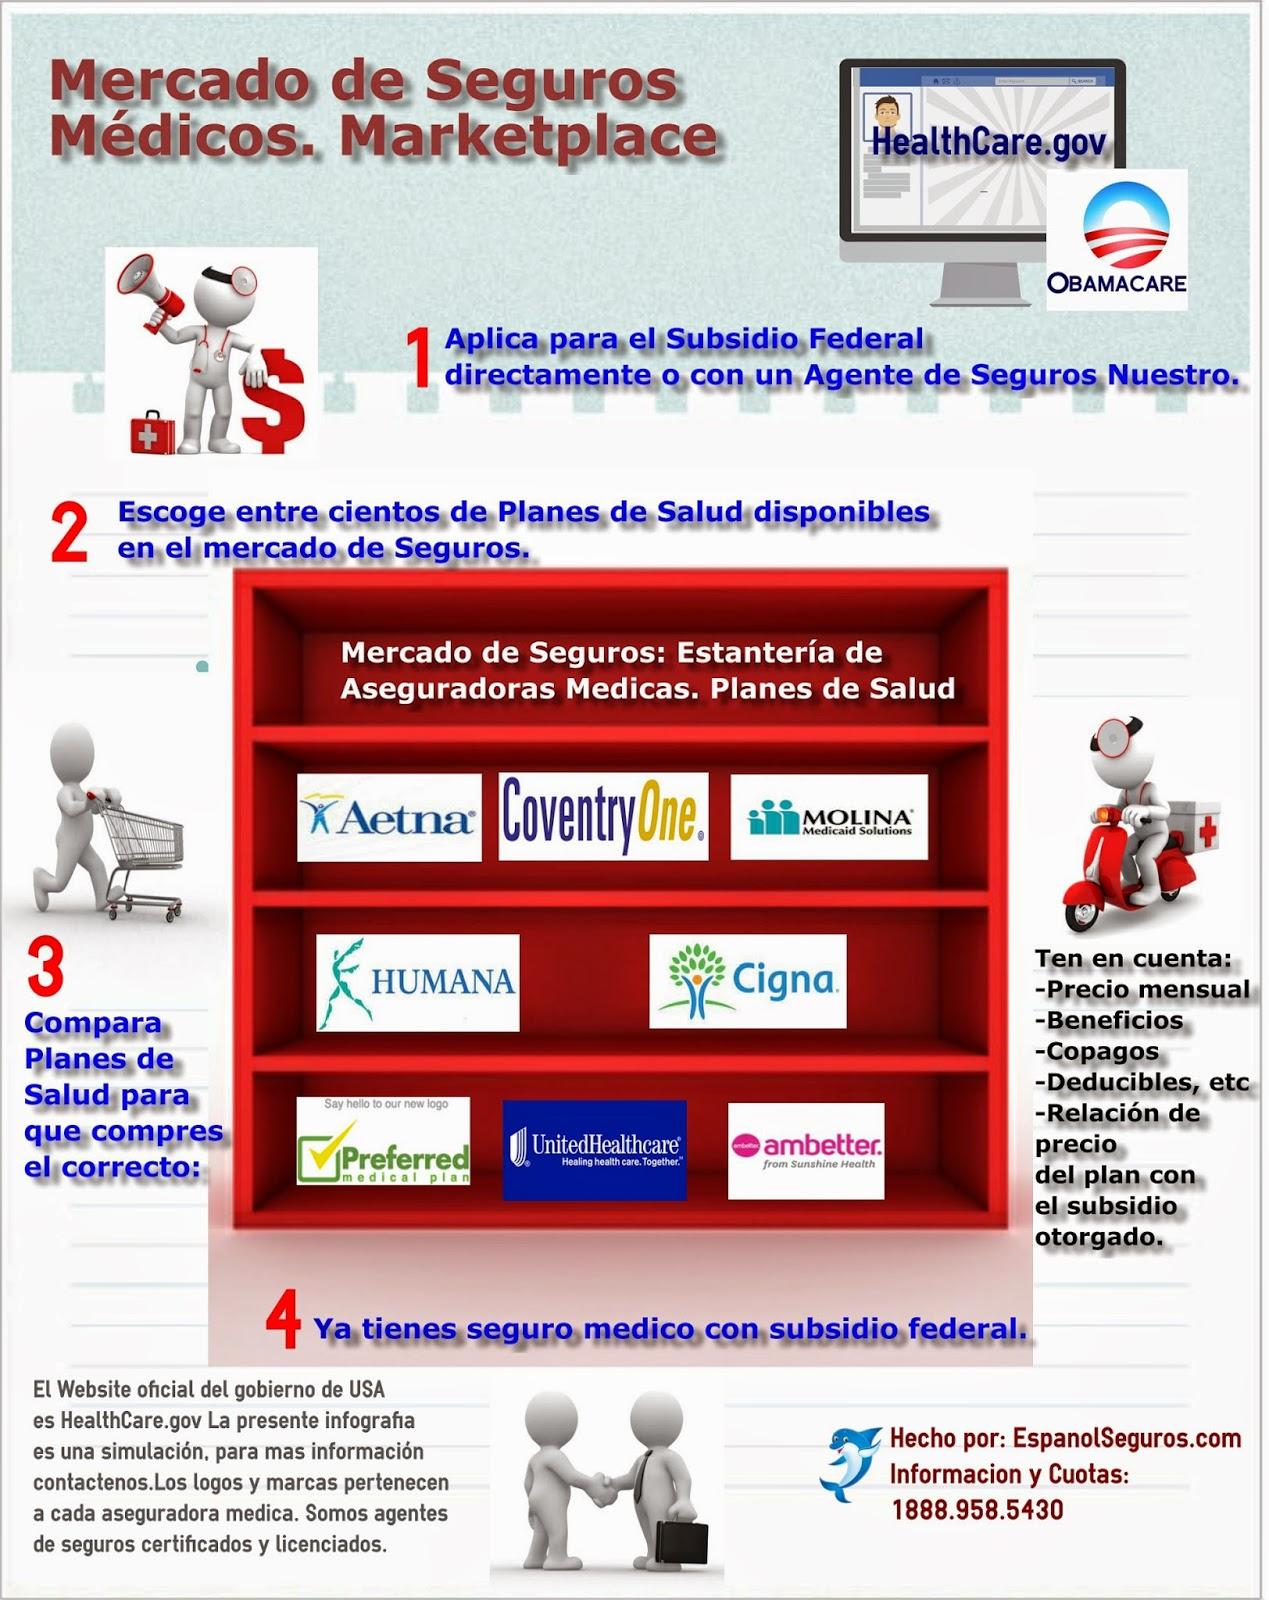 pasos necesarios para comprar plan de salud con ayuda del gobierno